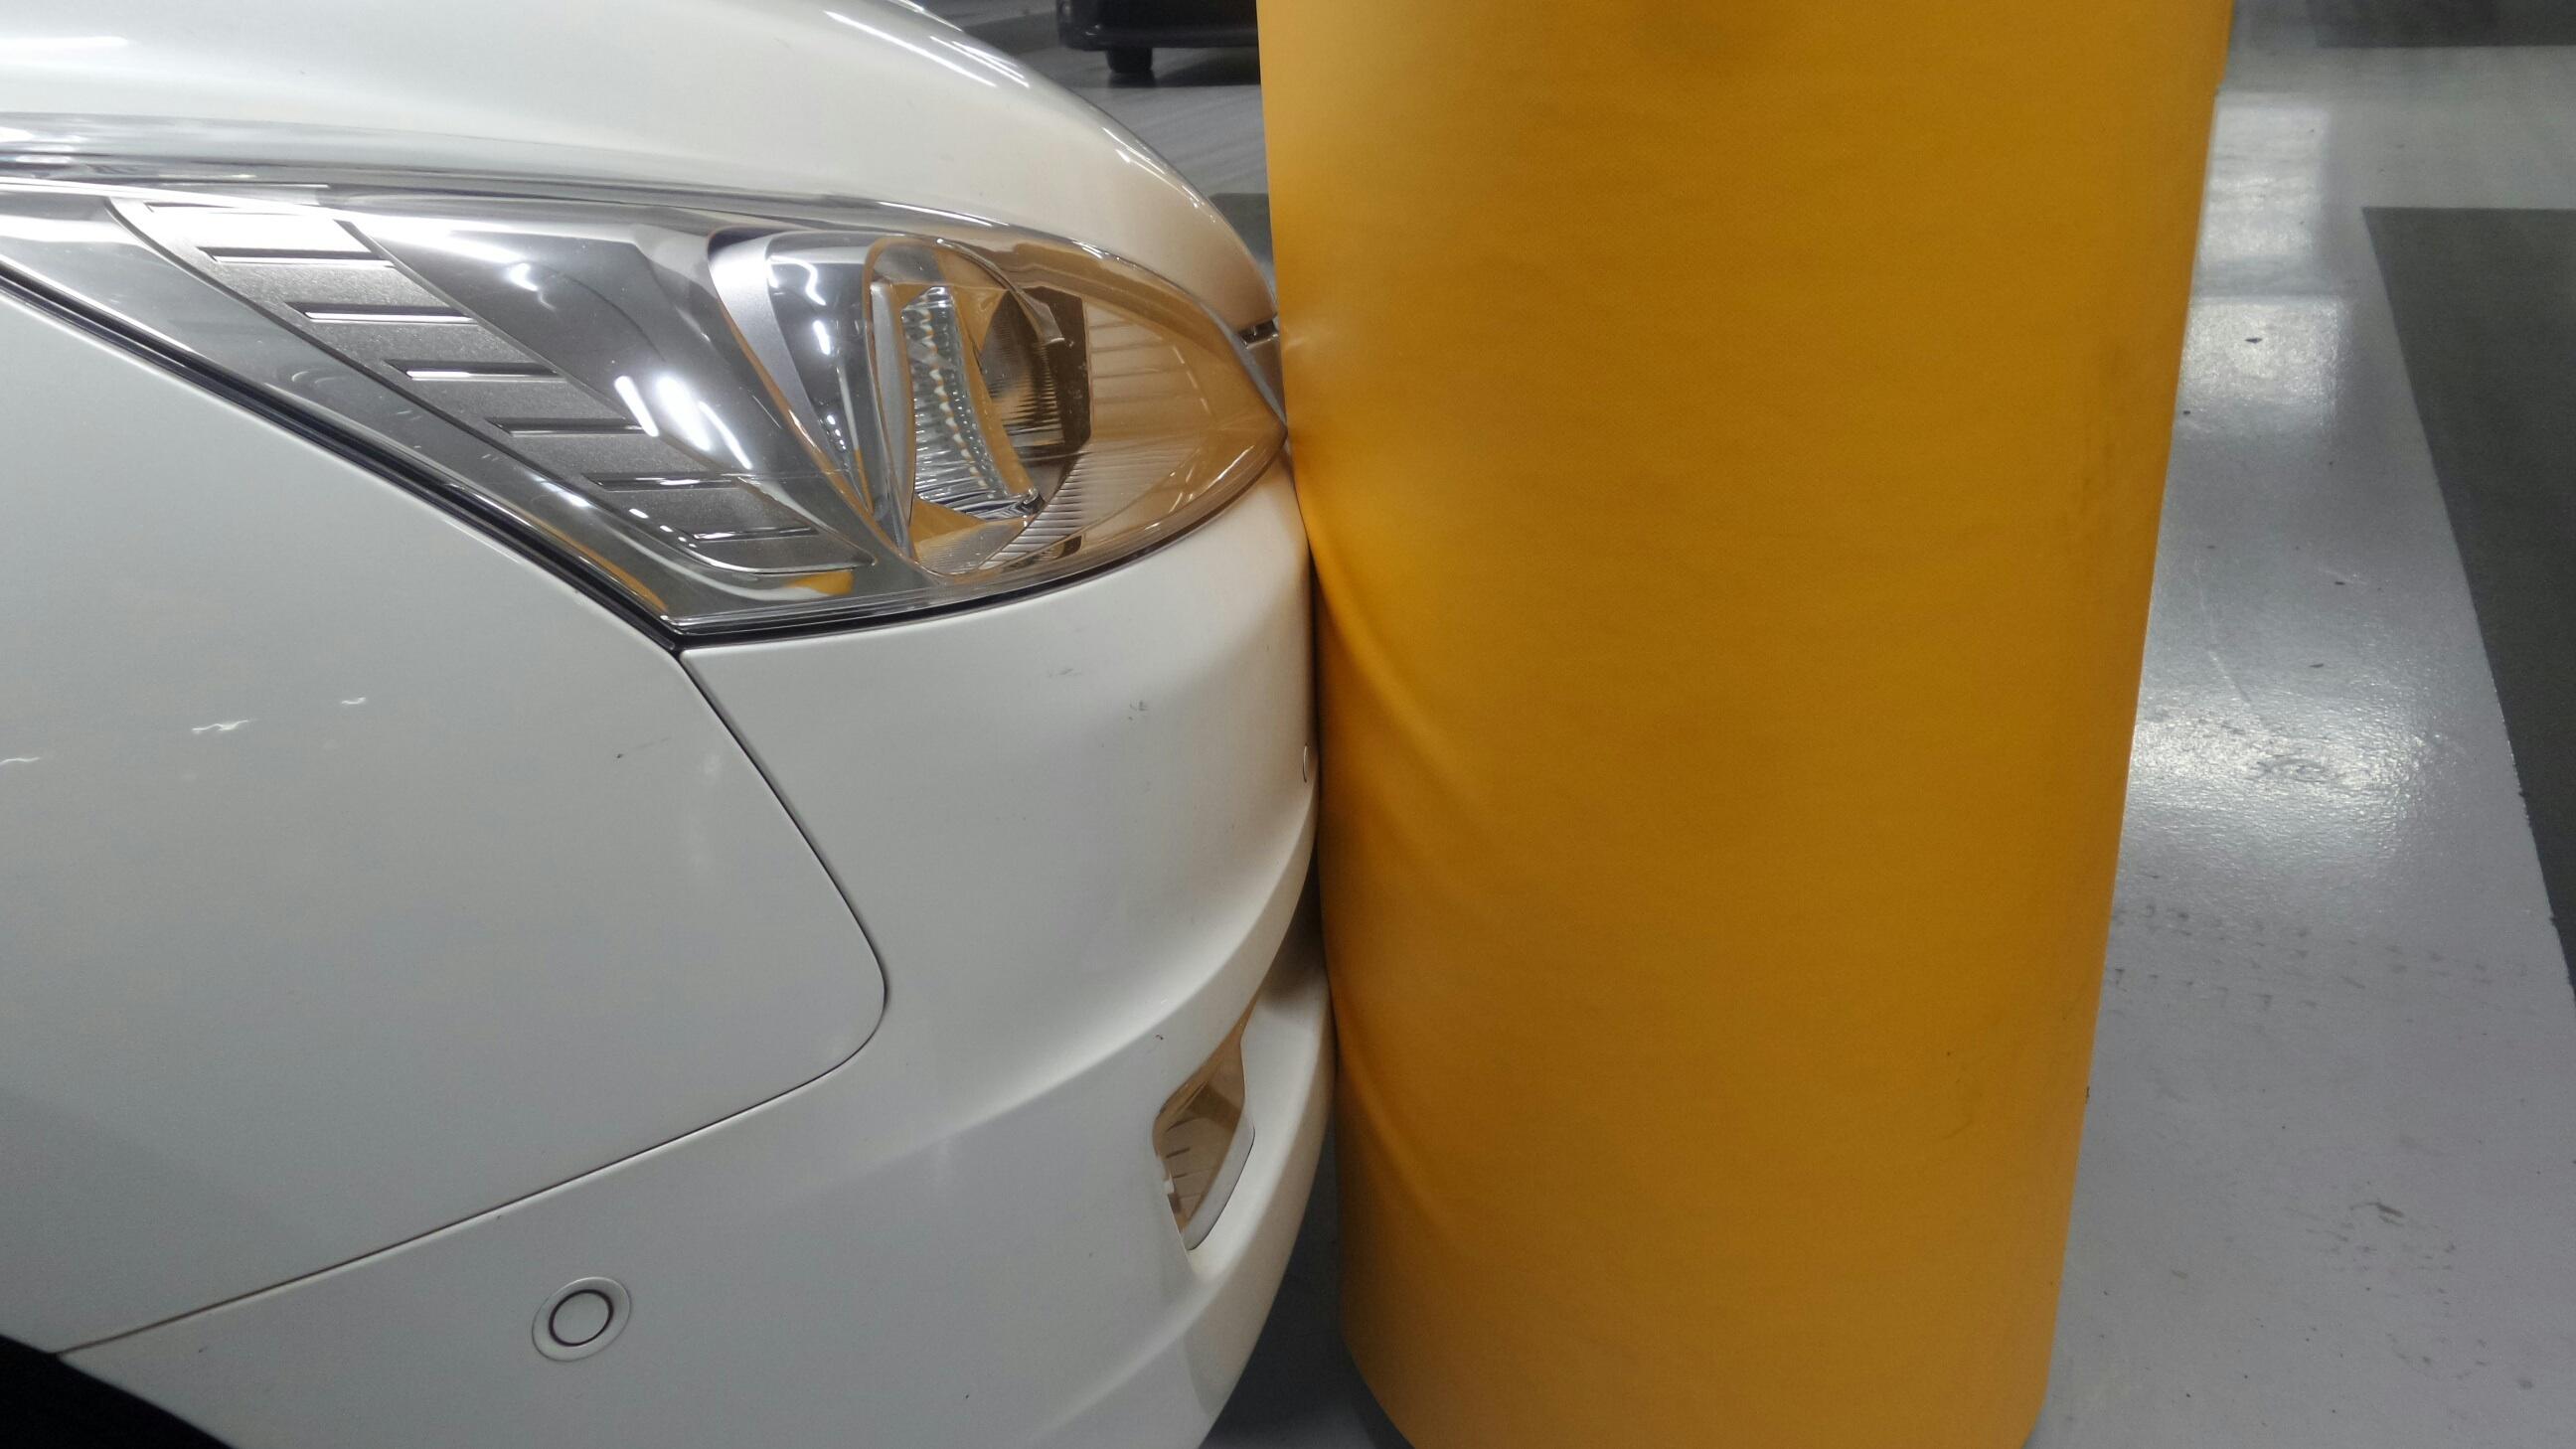 Schrumpf Kolombeschermer-detail met auto